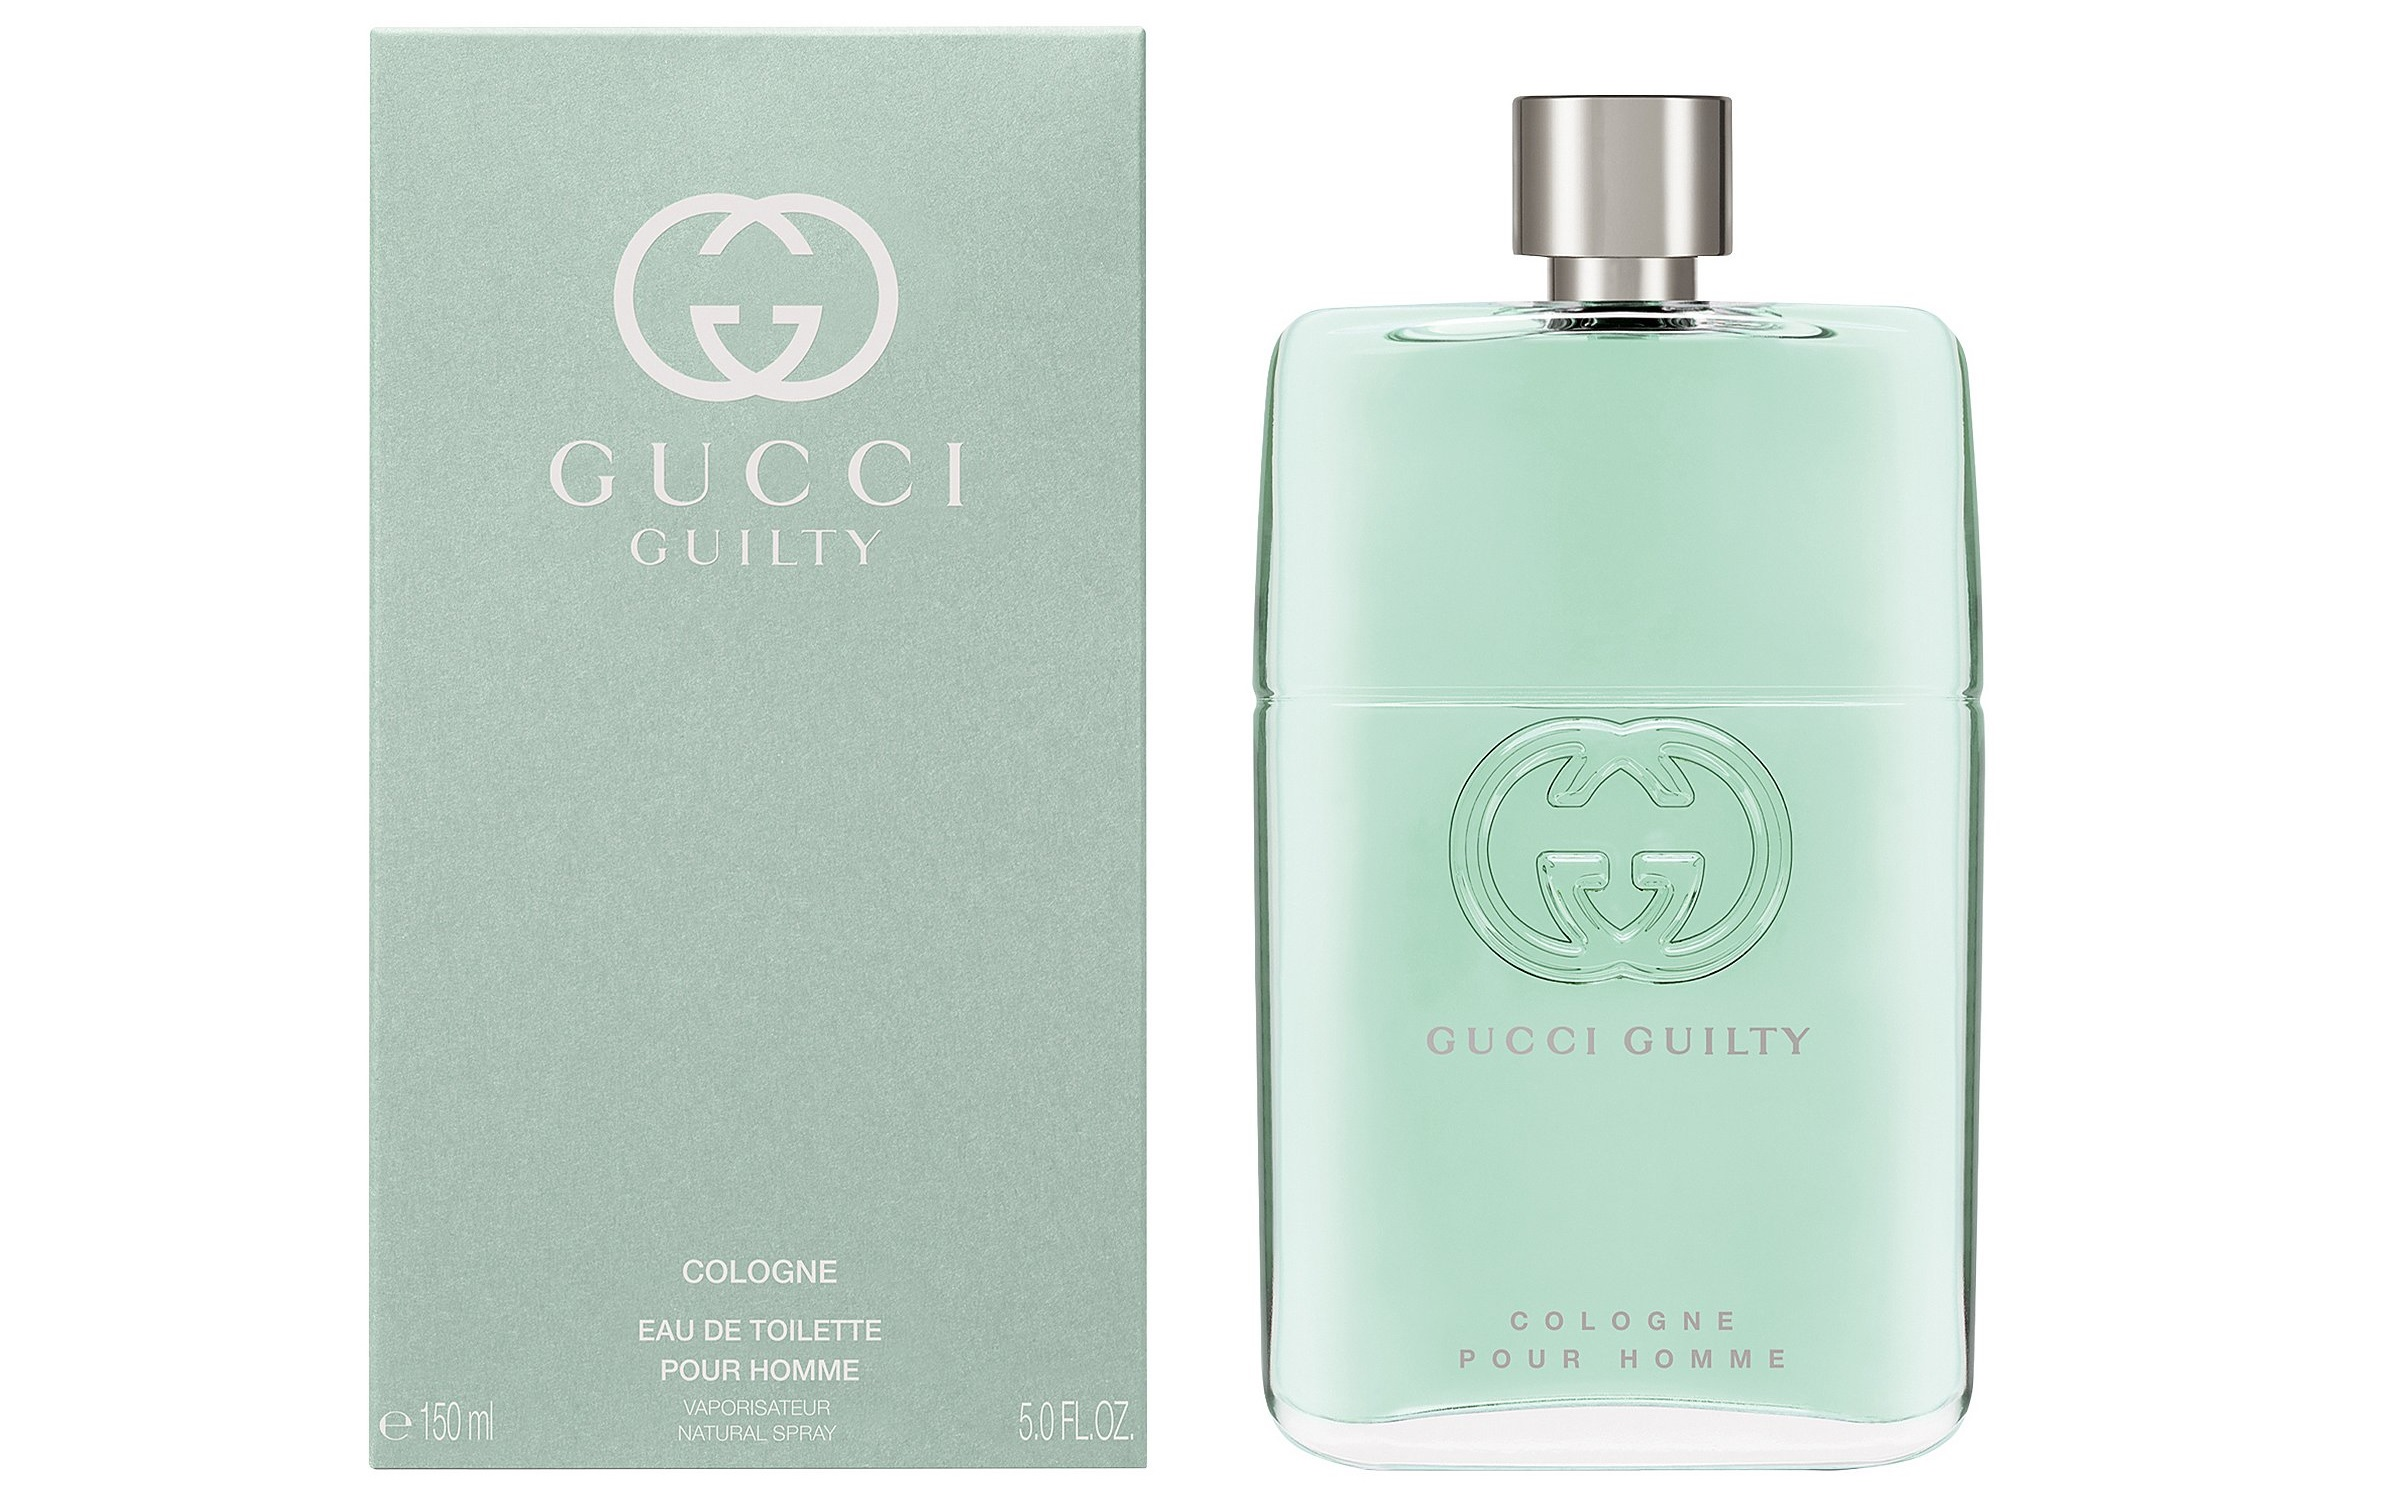 Gucci Guilty Cologne Pour Homme